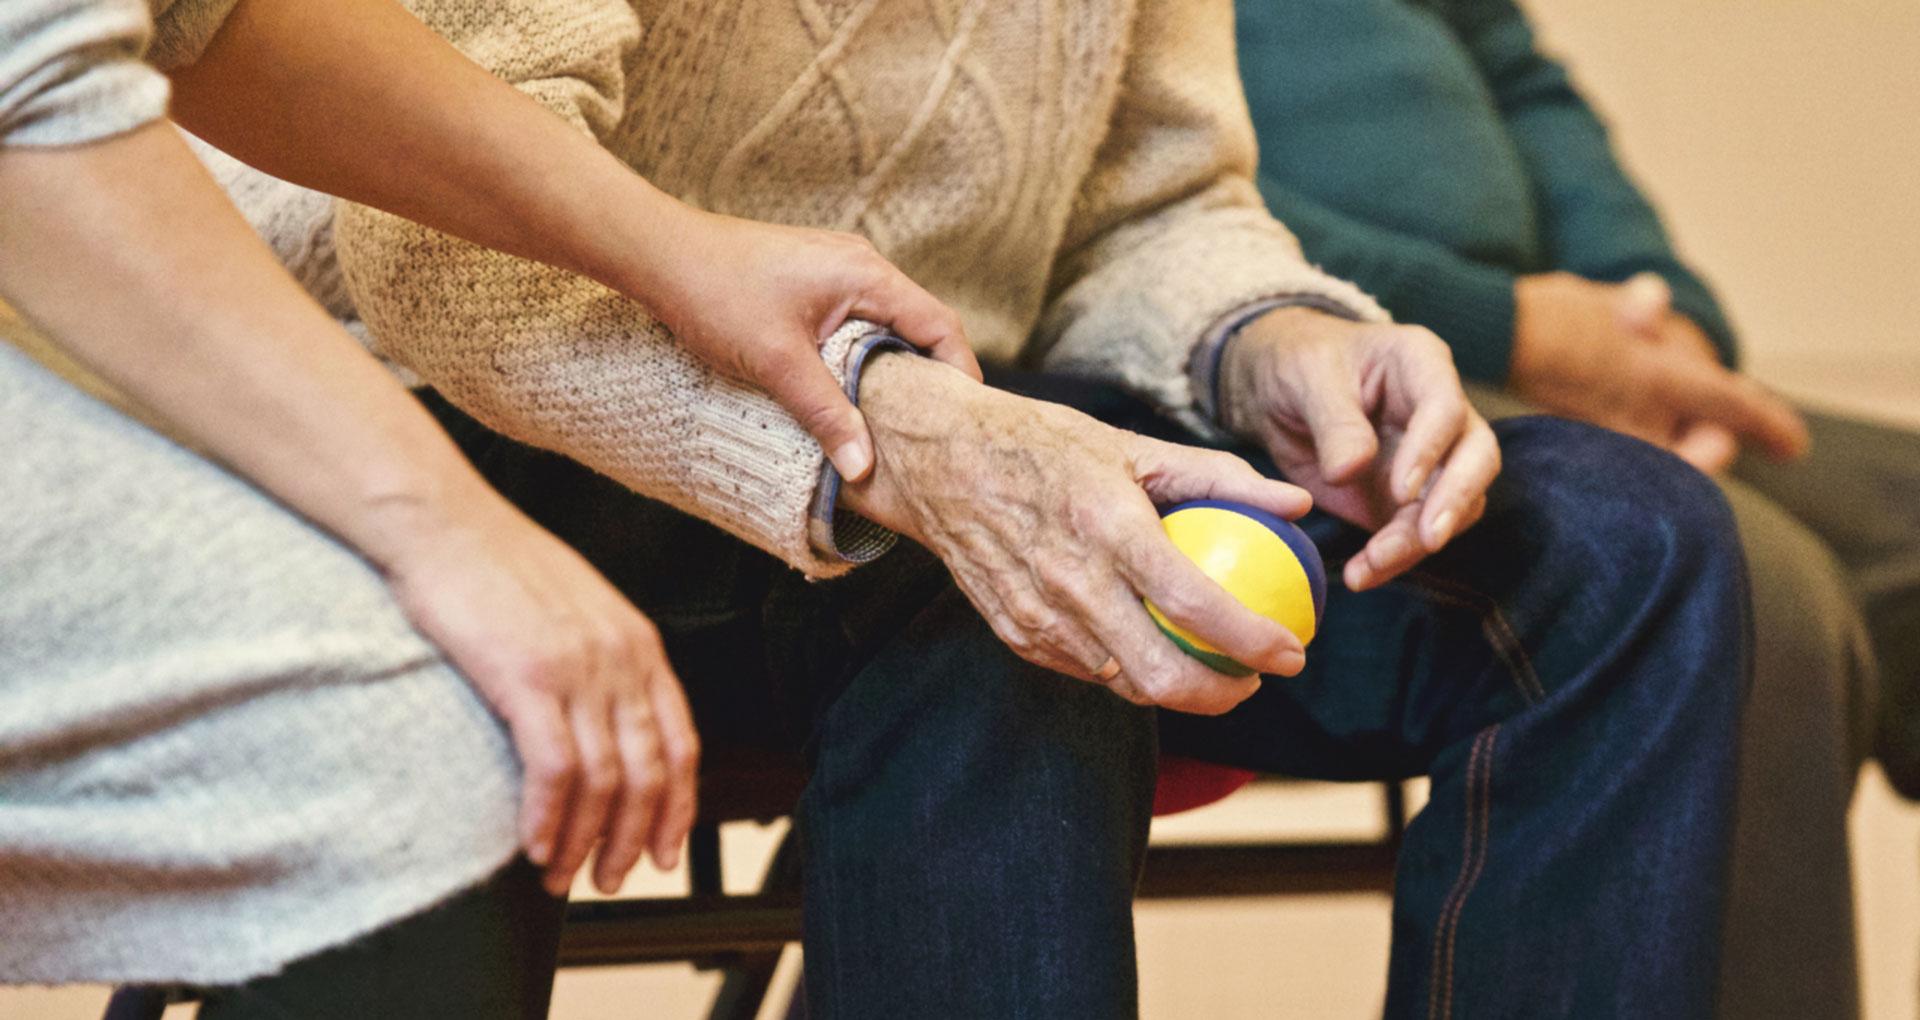 Zmapování potřeb, spokojenosti a očekávání, včetně predikce vývoje v oblasti sociálních služeb v Plzni